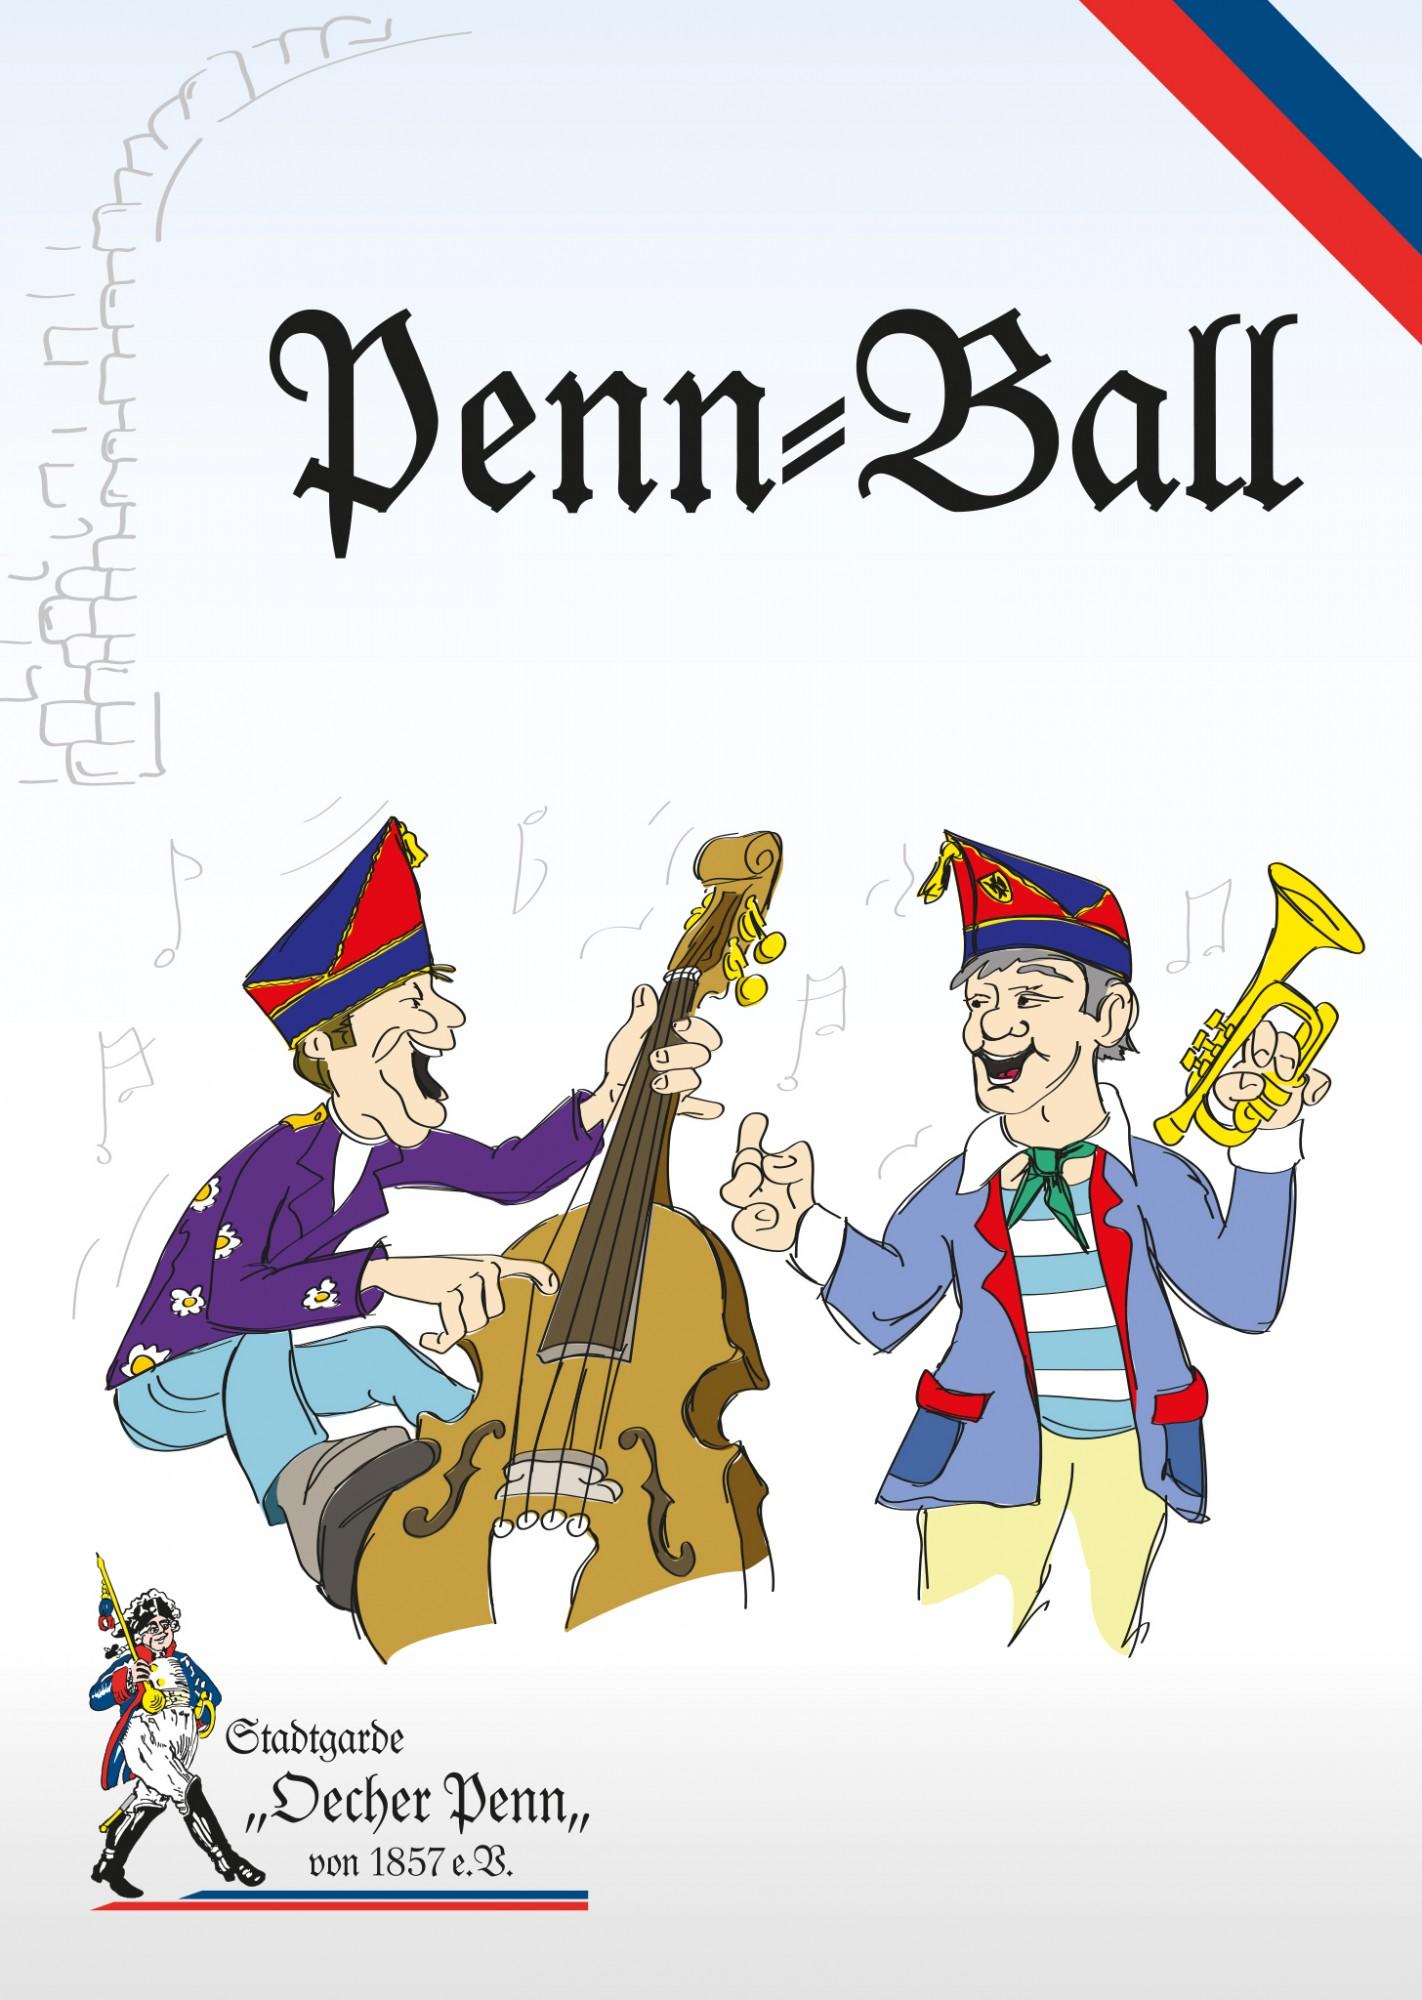 Penn-Ball